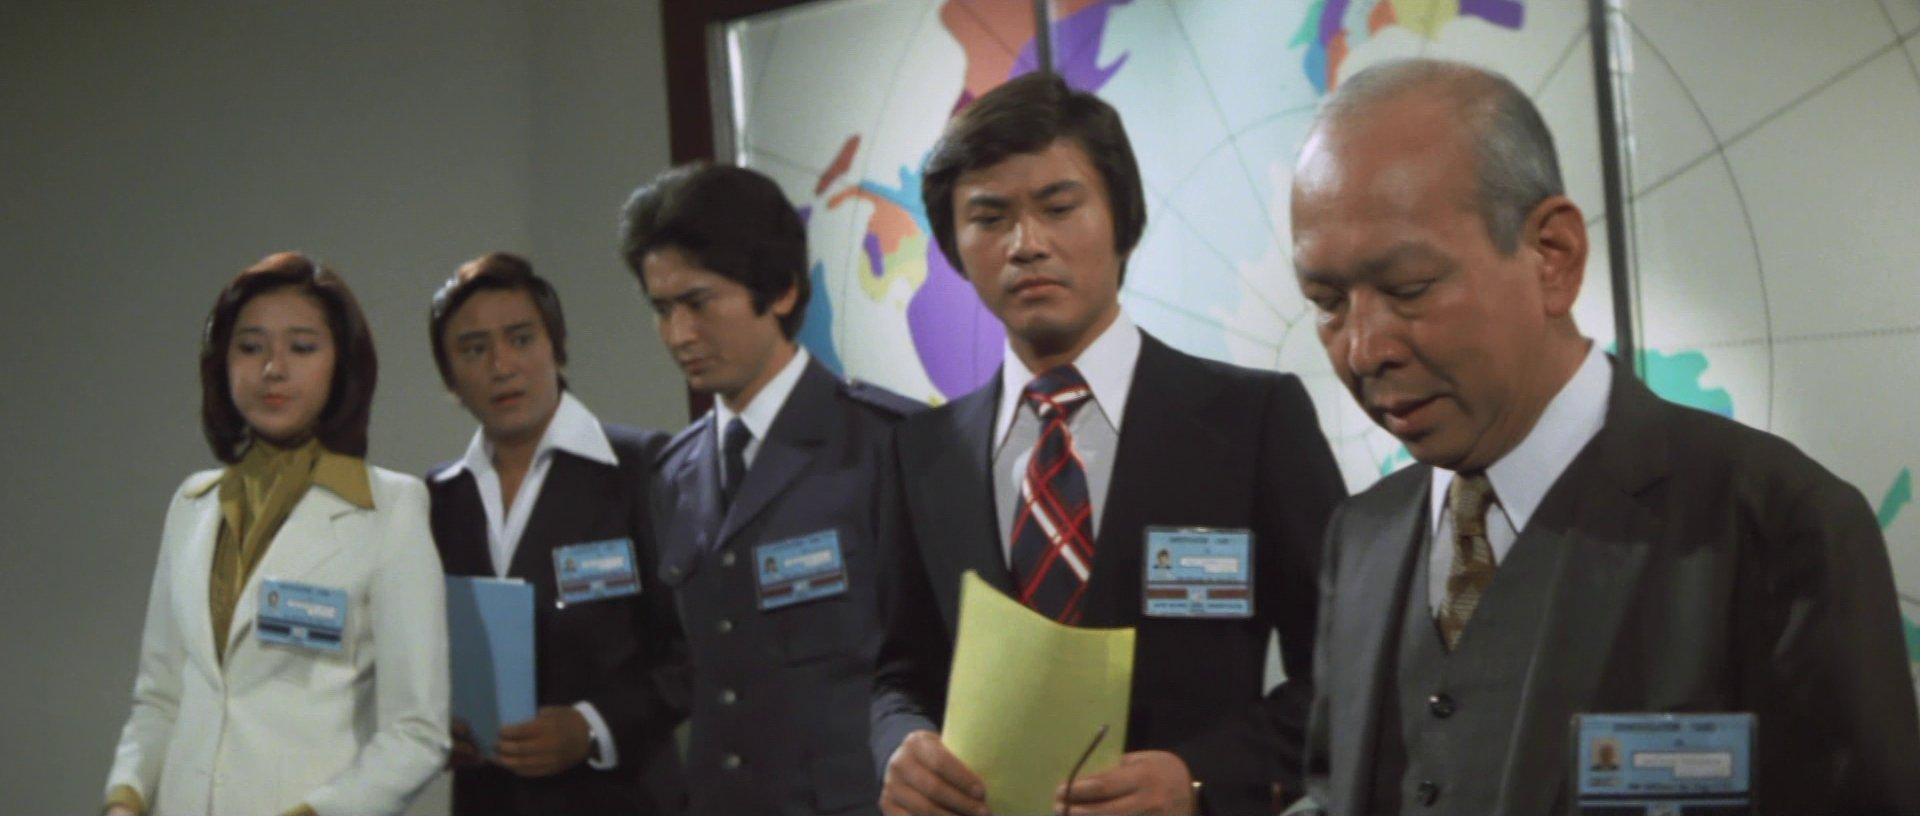 『惑星大戦争』ゆう子、V3、スコッチ、千葉県知事、ひでじ